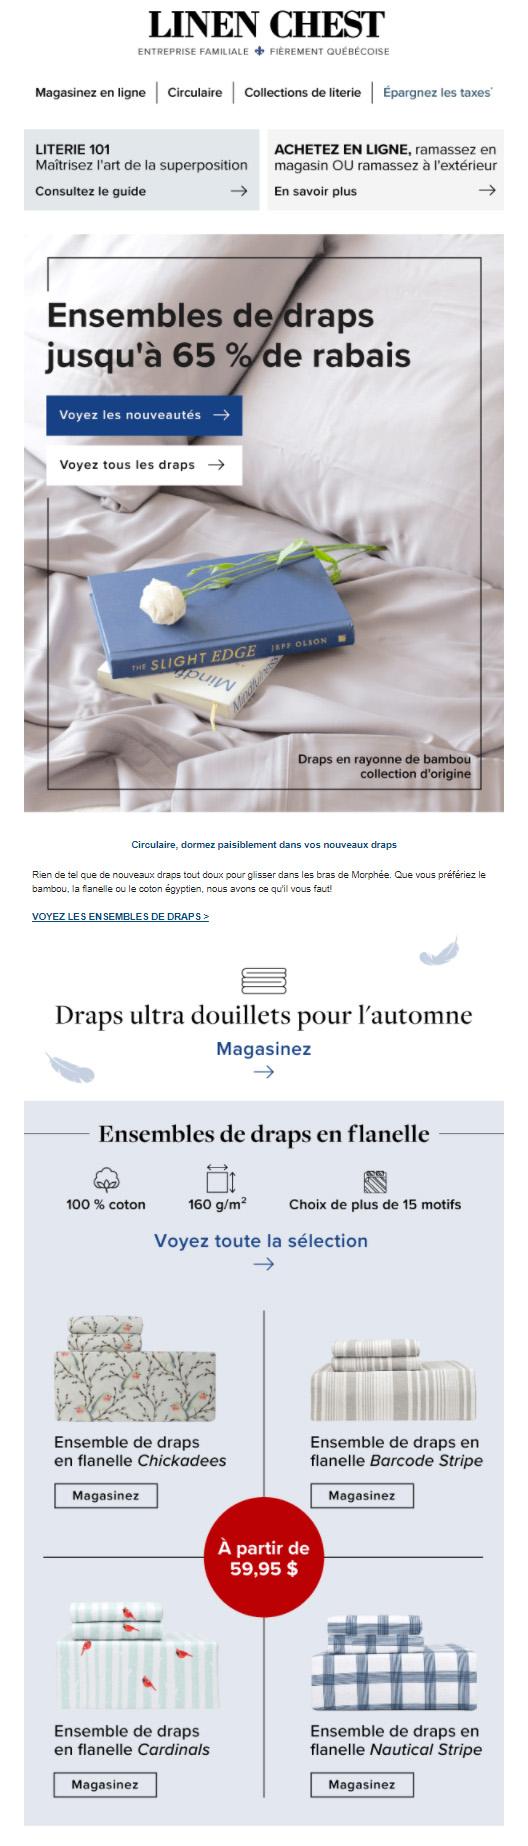 Nous Aimons Les Draps: Flanelle, Coton, Bambou Et Plus!